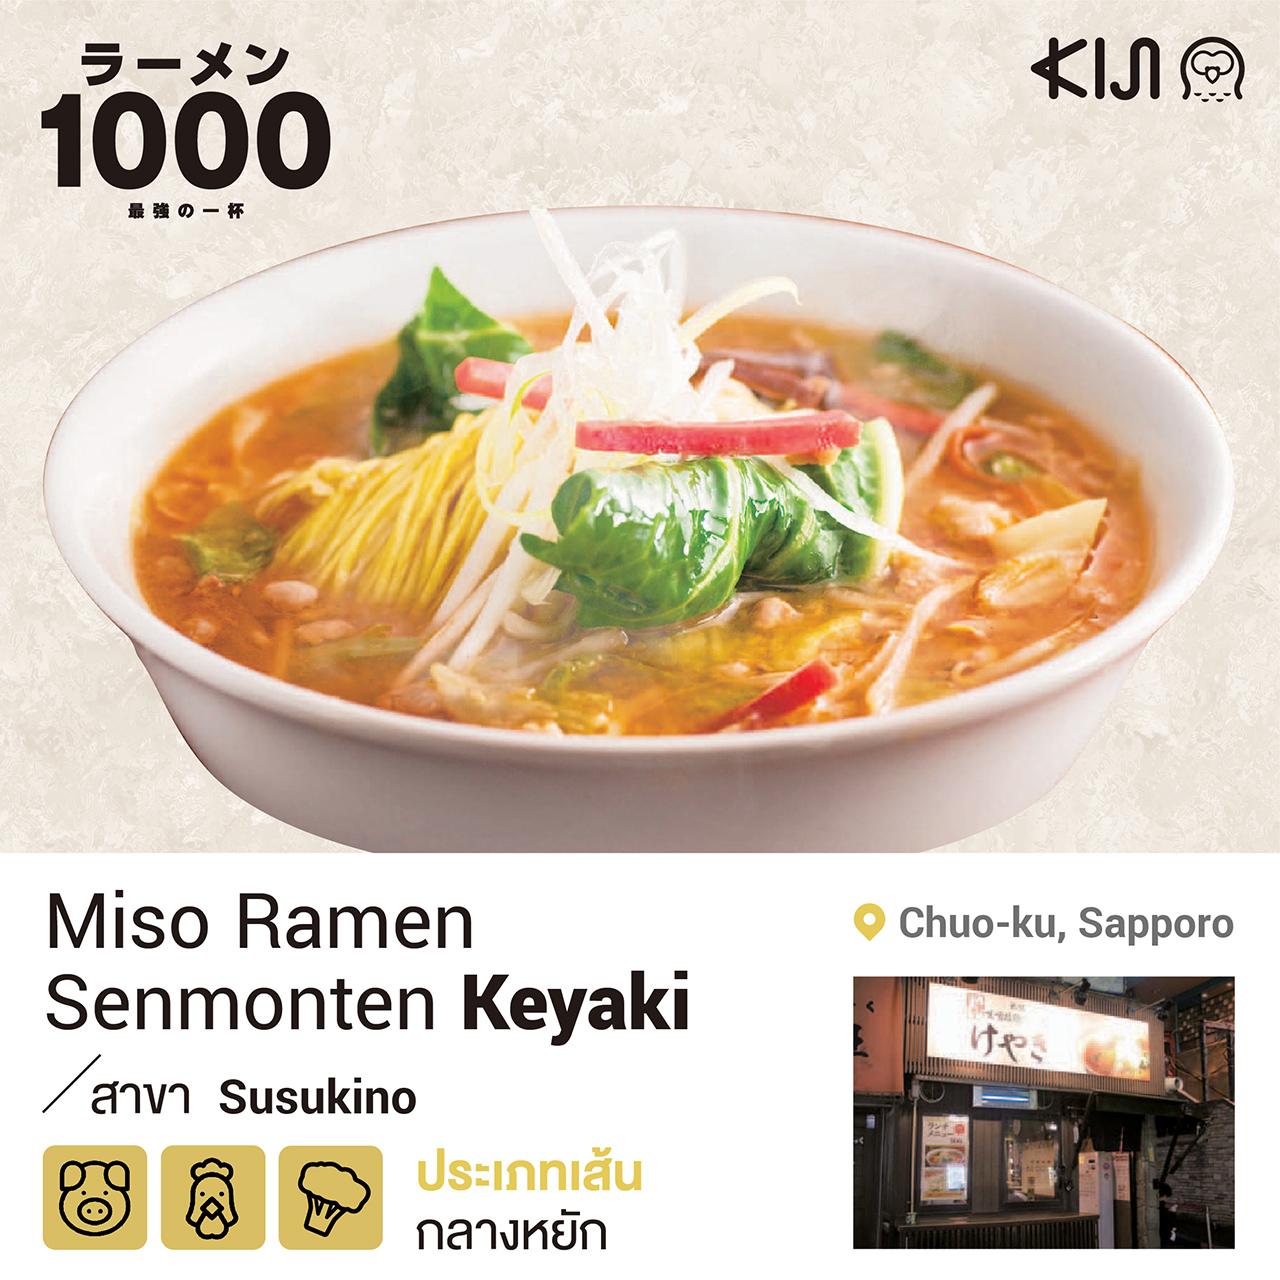 ร้านราเมน เขตชูโอ เมืองซัปโปโร จ.ฮอกไกโด - Miso Ramen Senmonten Keyaki สาขา Susukino